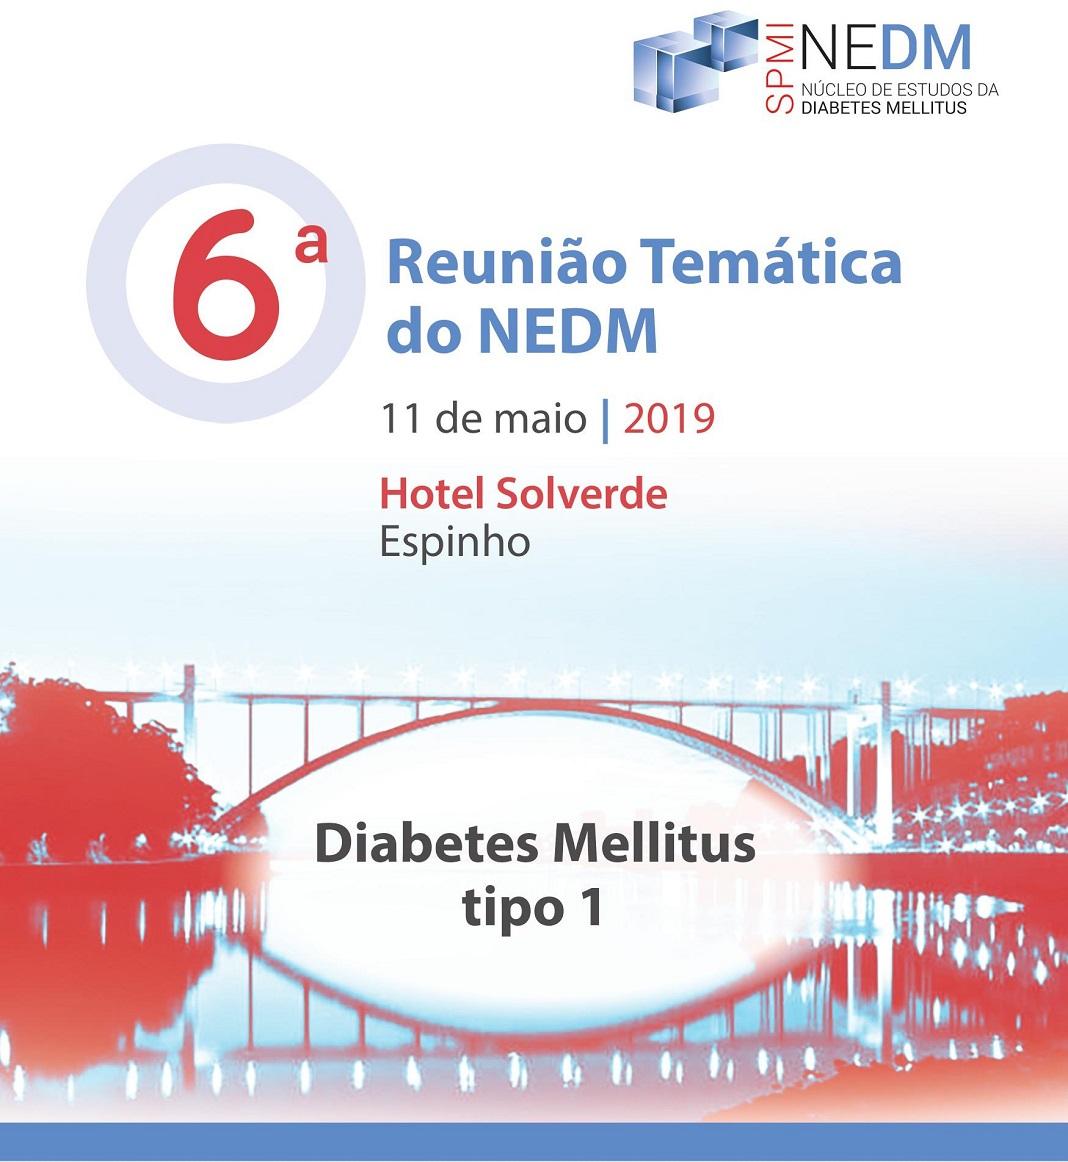 Diabetes mellitus tipo 1 está a aumentar entre os portugueses